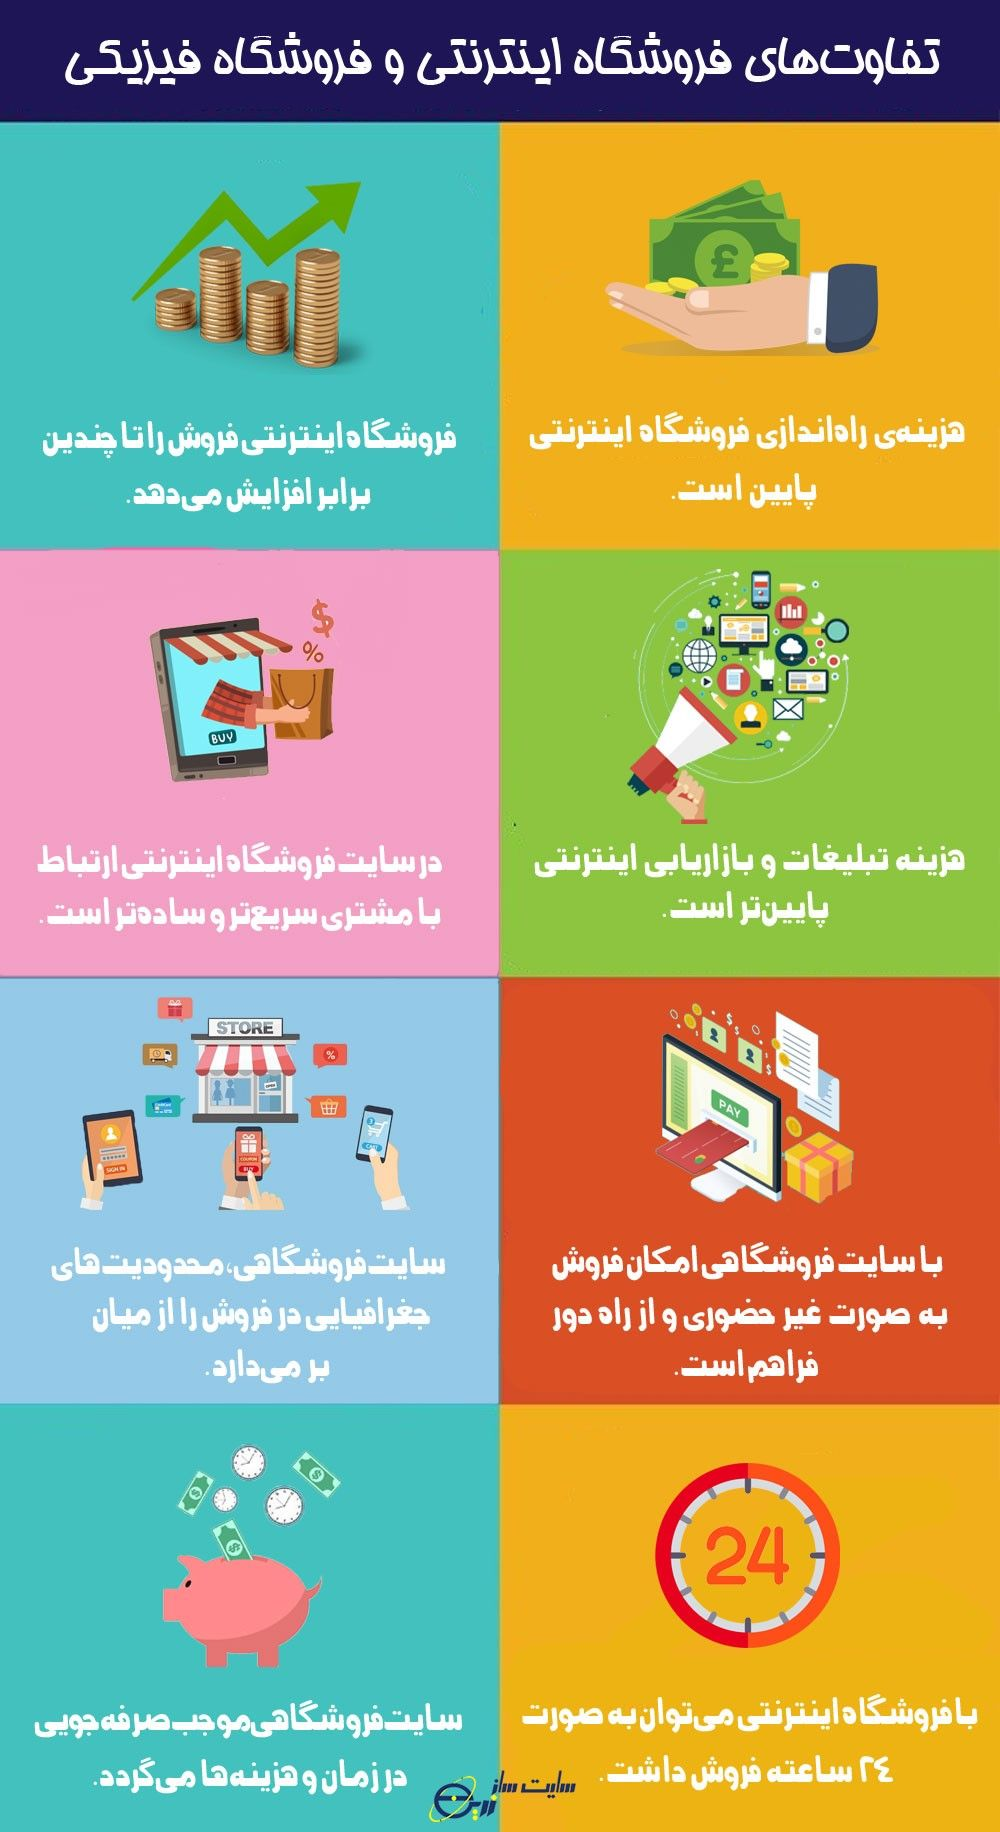 تفاوت فروشگاه اینترنتی و فروشگاه فیزیکی